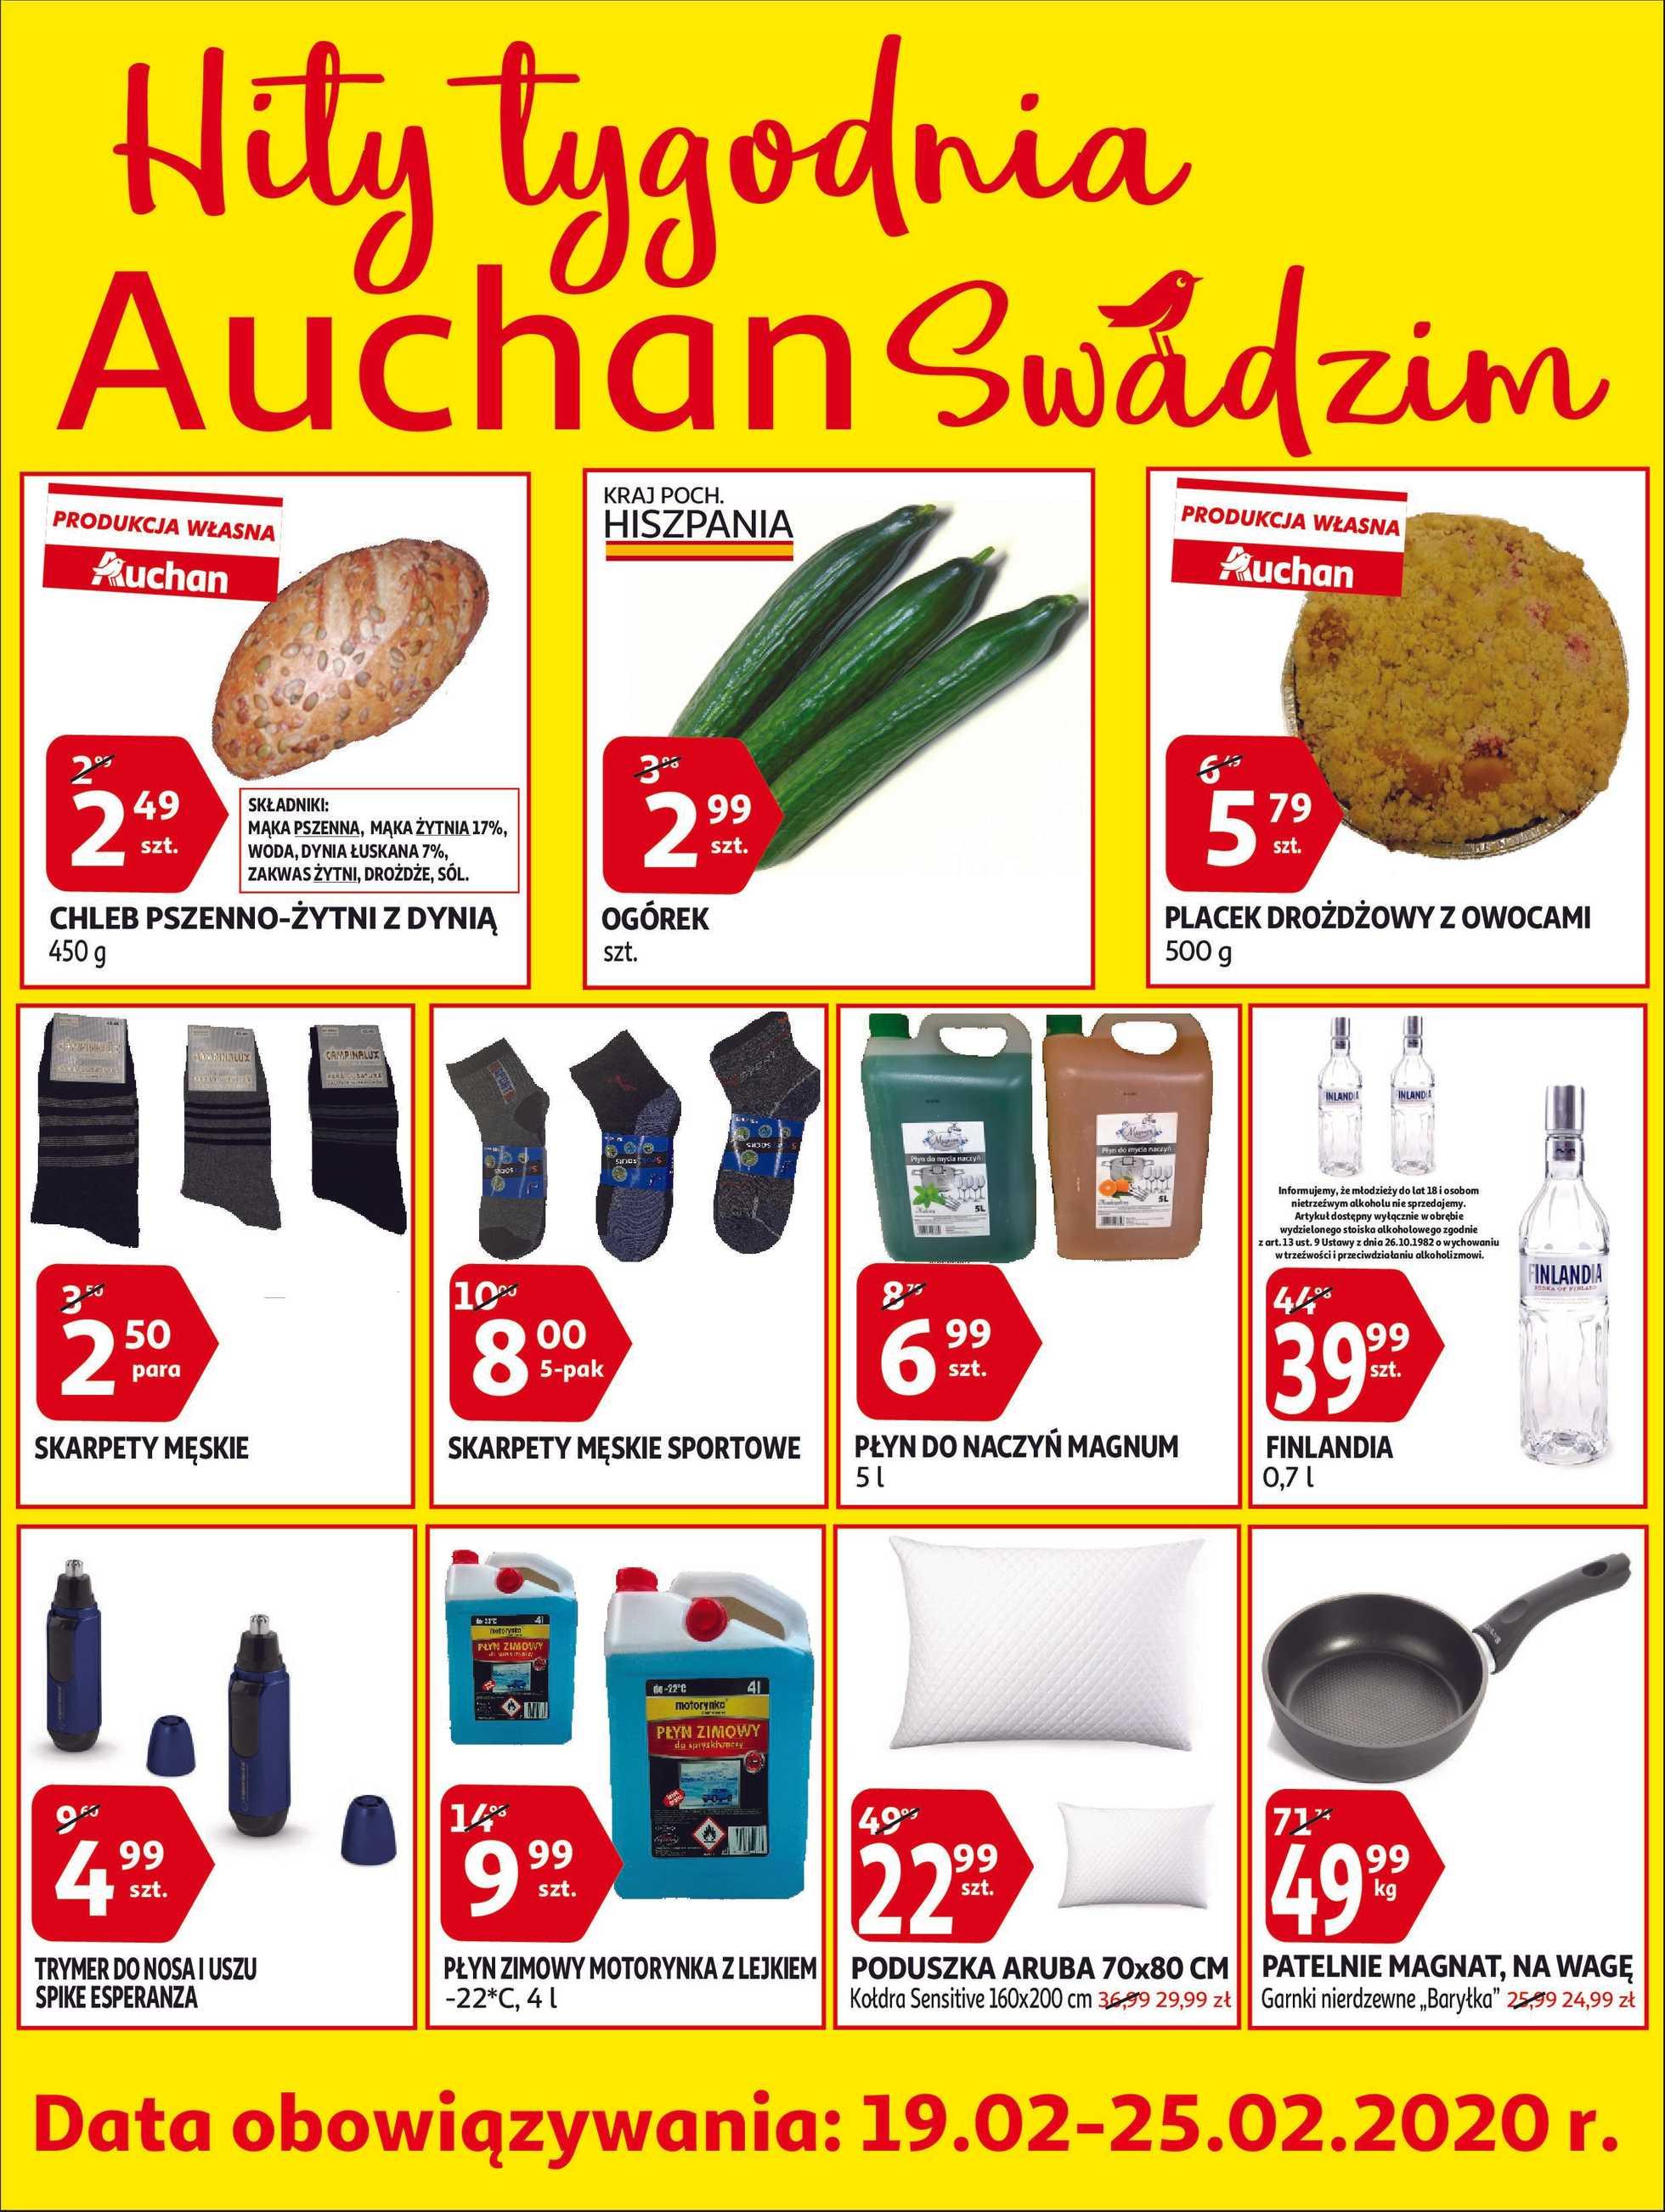 Auchan - gazetka promocyjna ważna od 19.02.2020 do 25.02.2020 - strona 1.